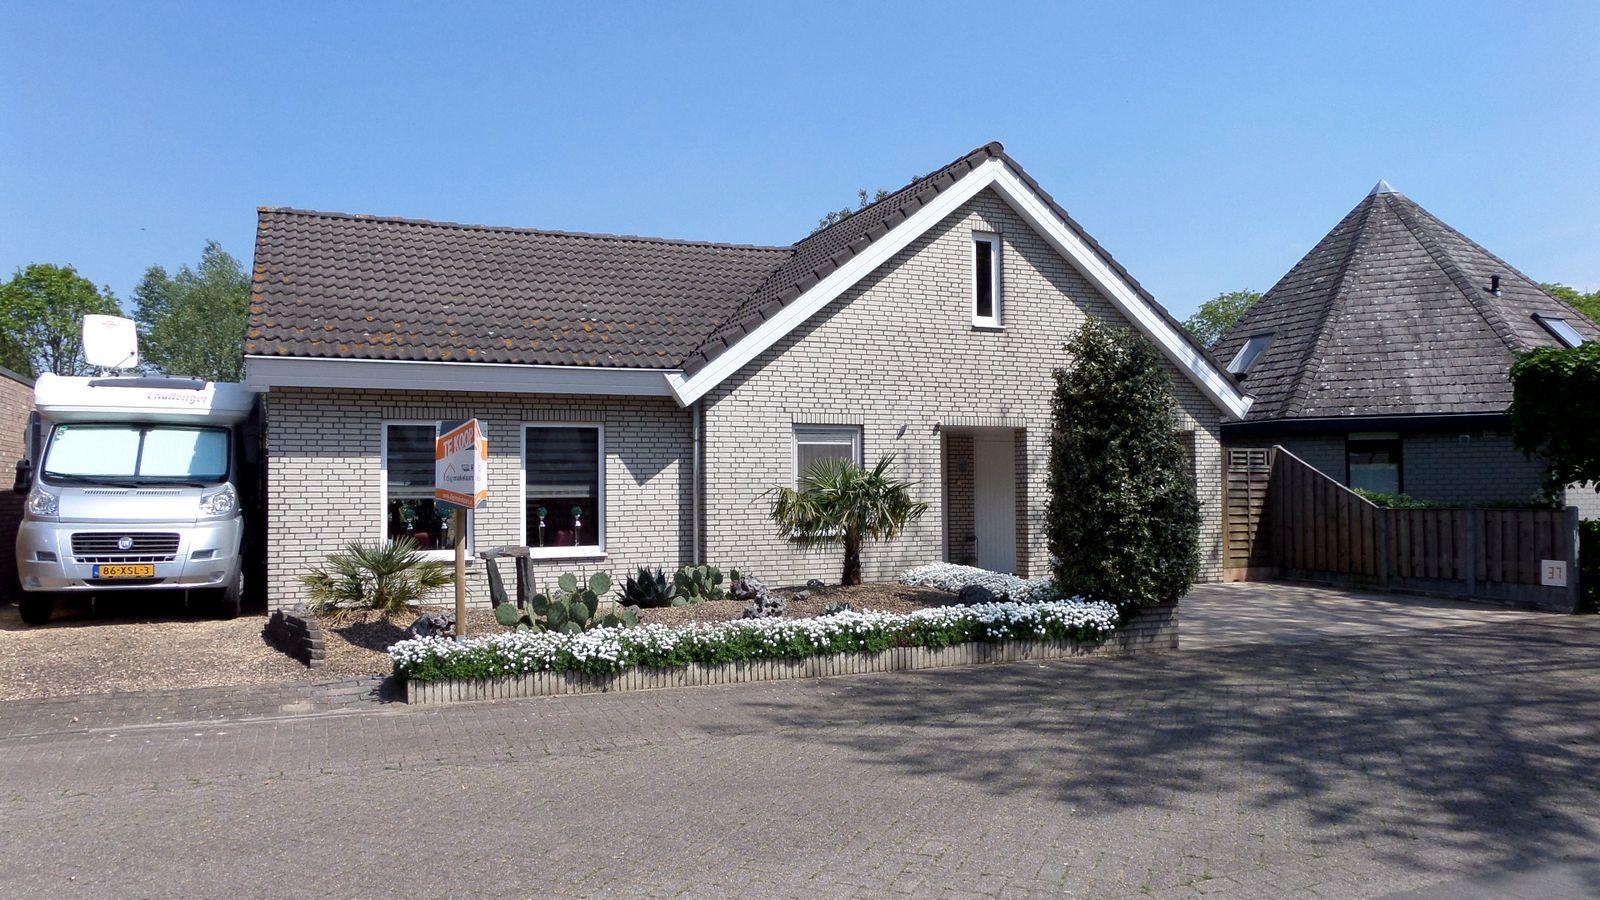 Abraham Kuijperstraat 37, Oosterhout